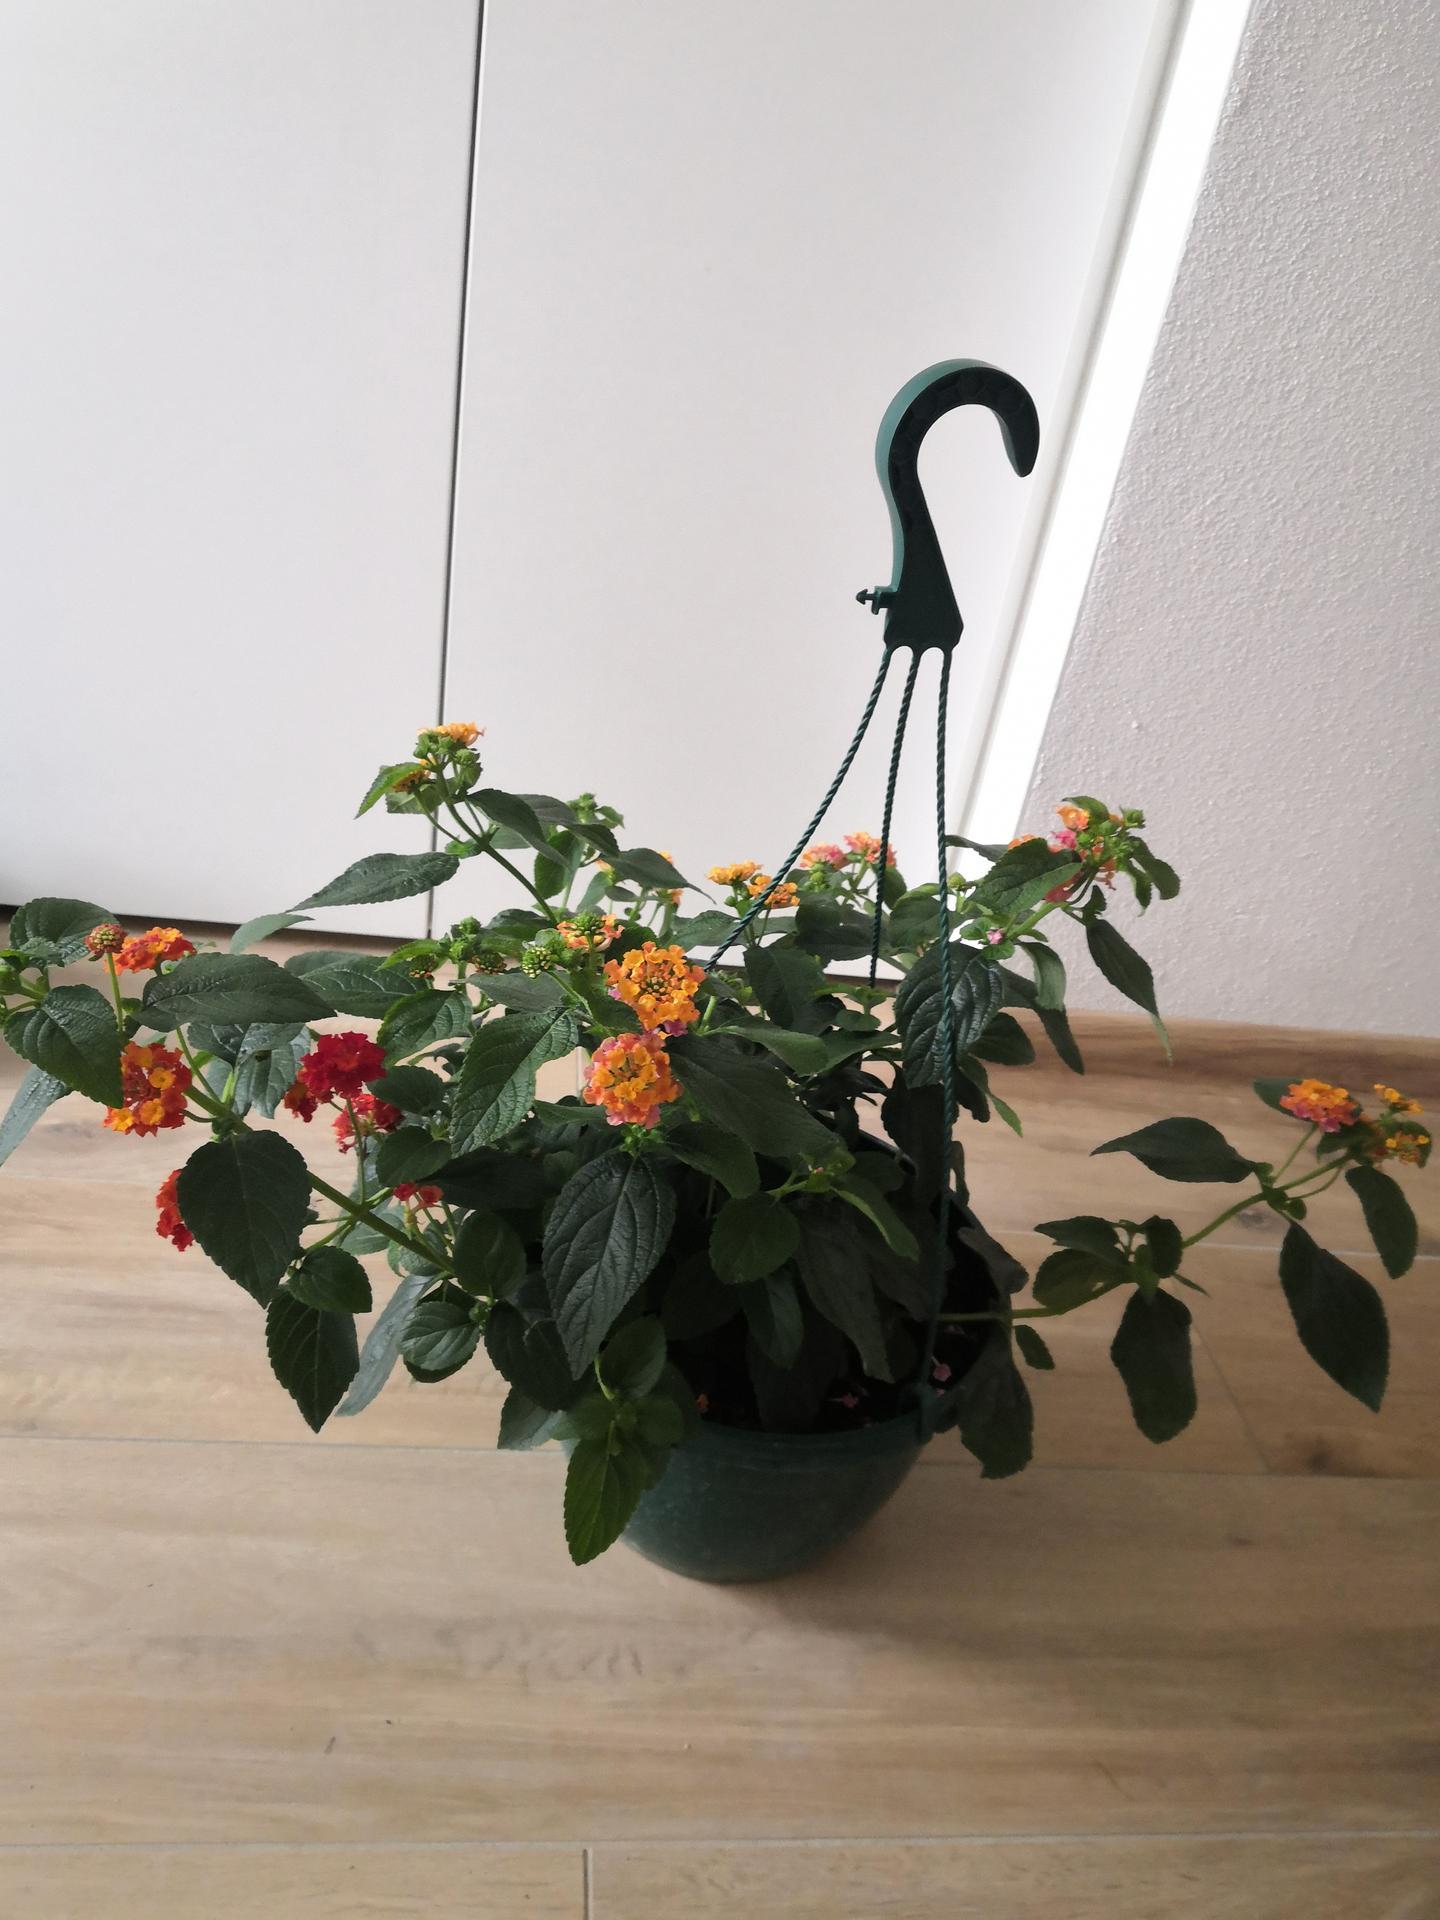 Vie mi niekto prosím poradiť aký je toto kvet? - Obrázok č. 2